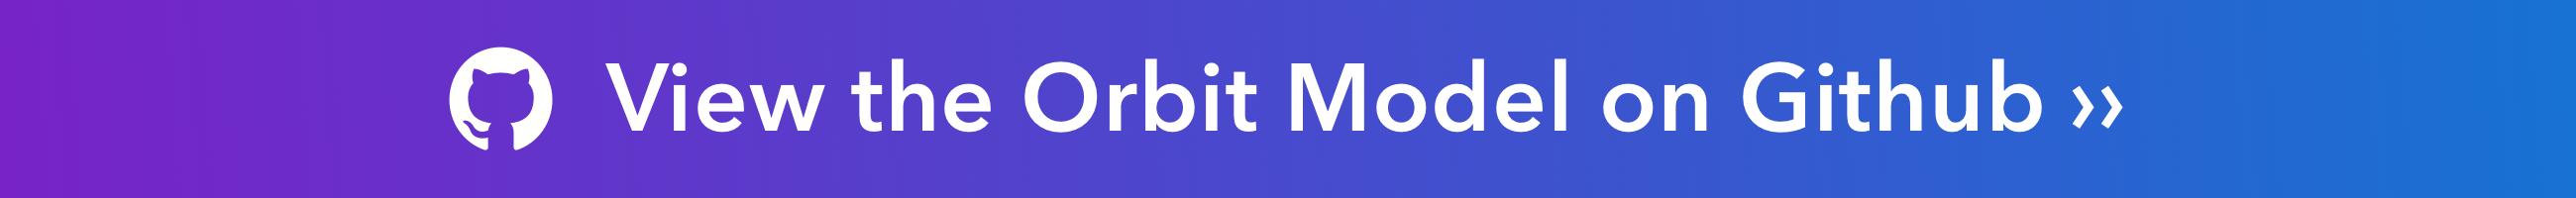 The Orbit Model on GitHub